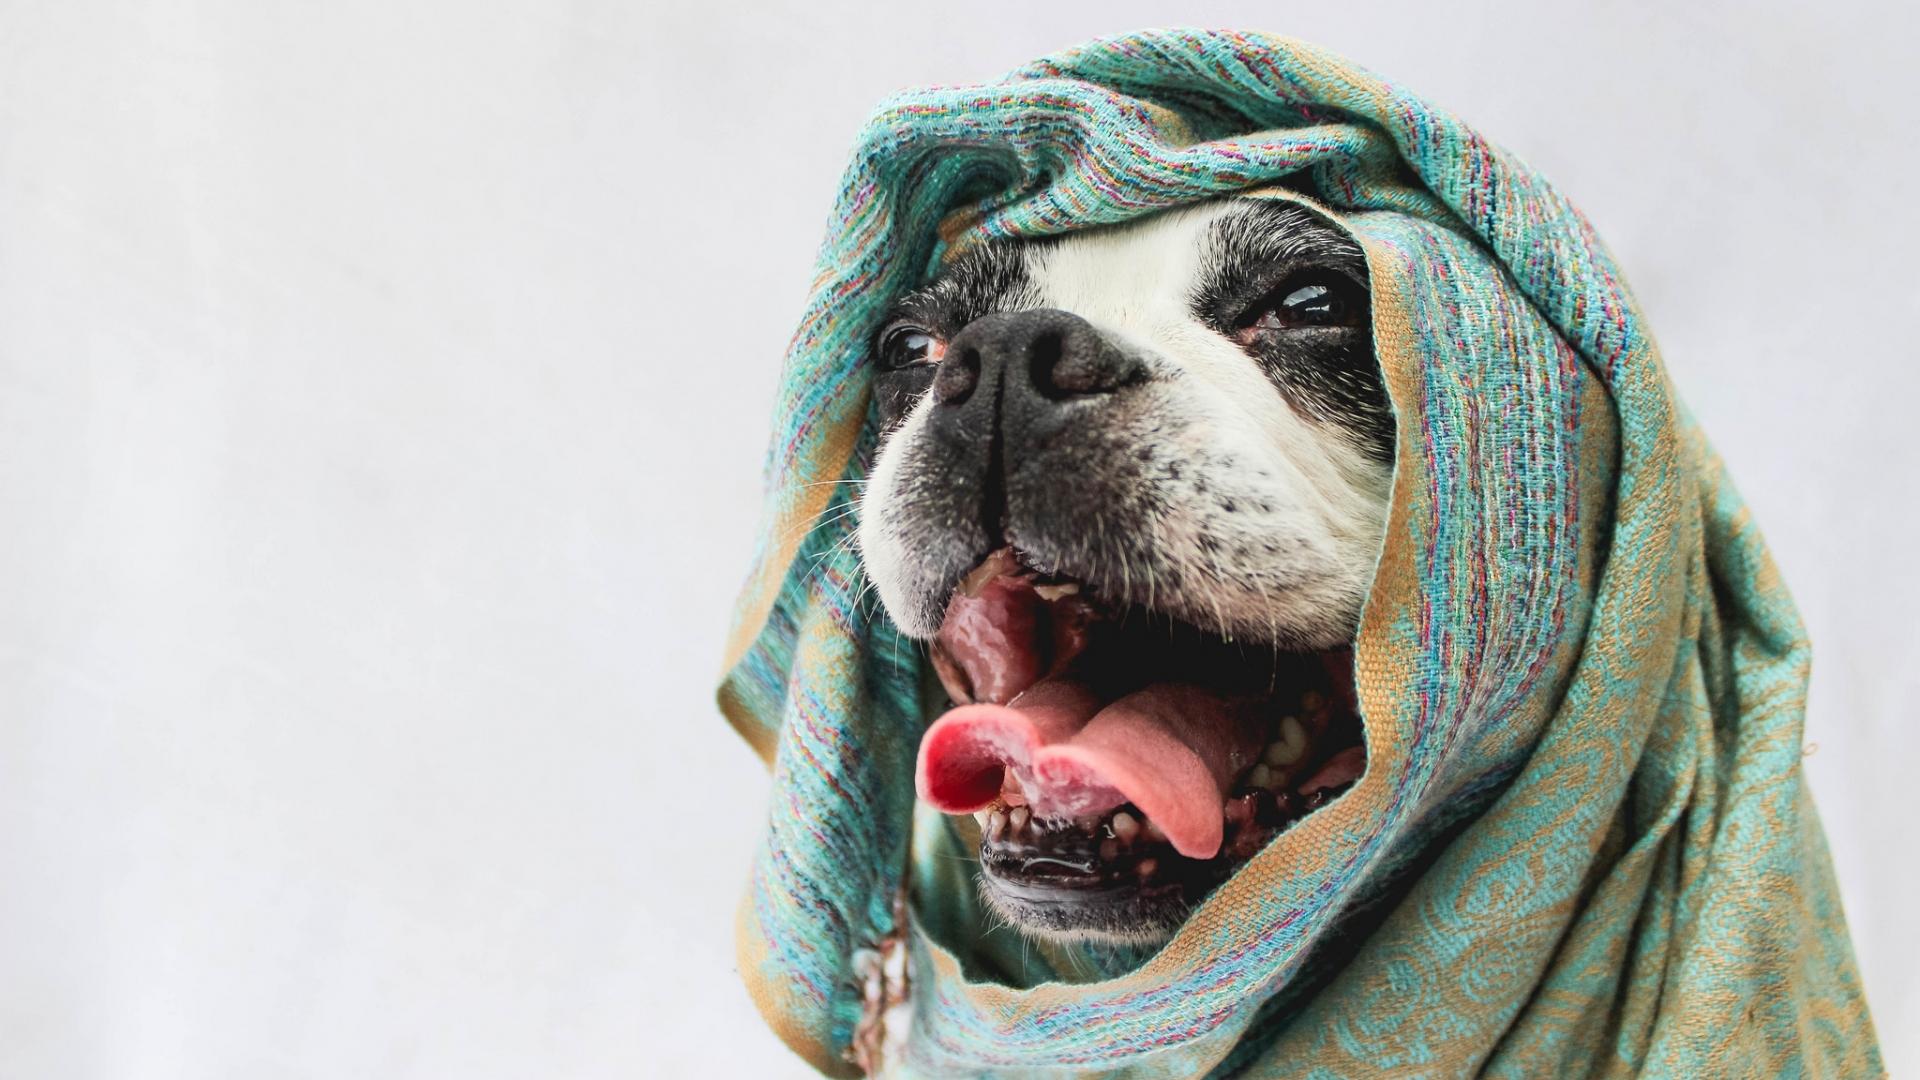 Bufandas para perros - 1920x1080